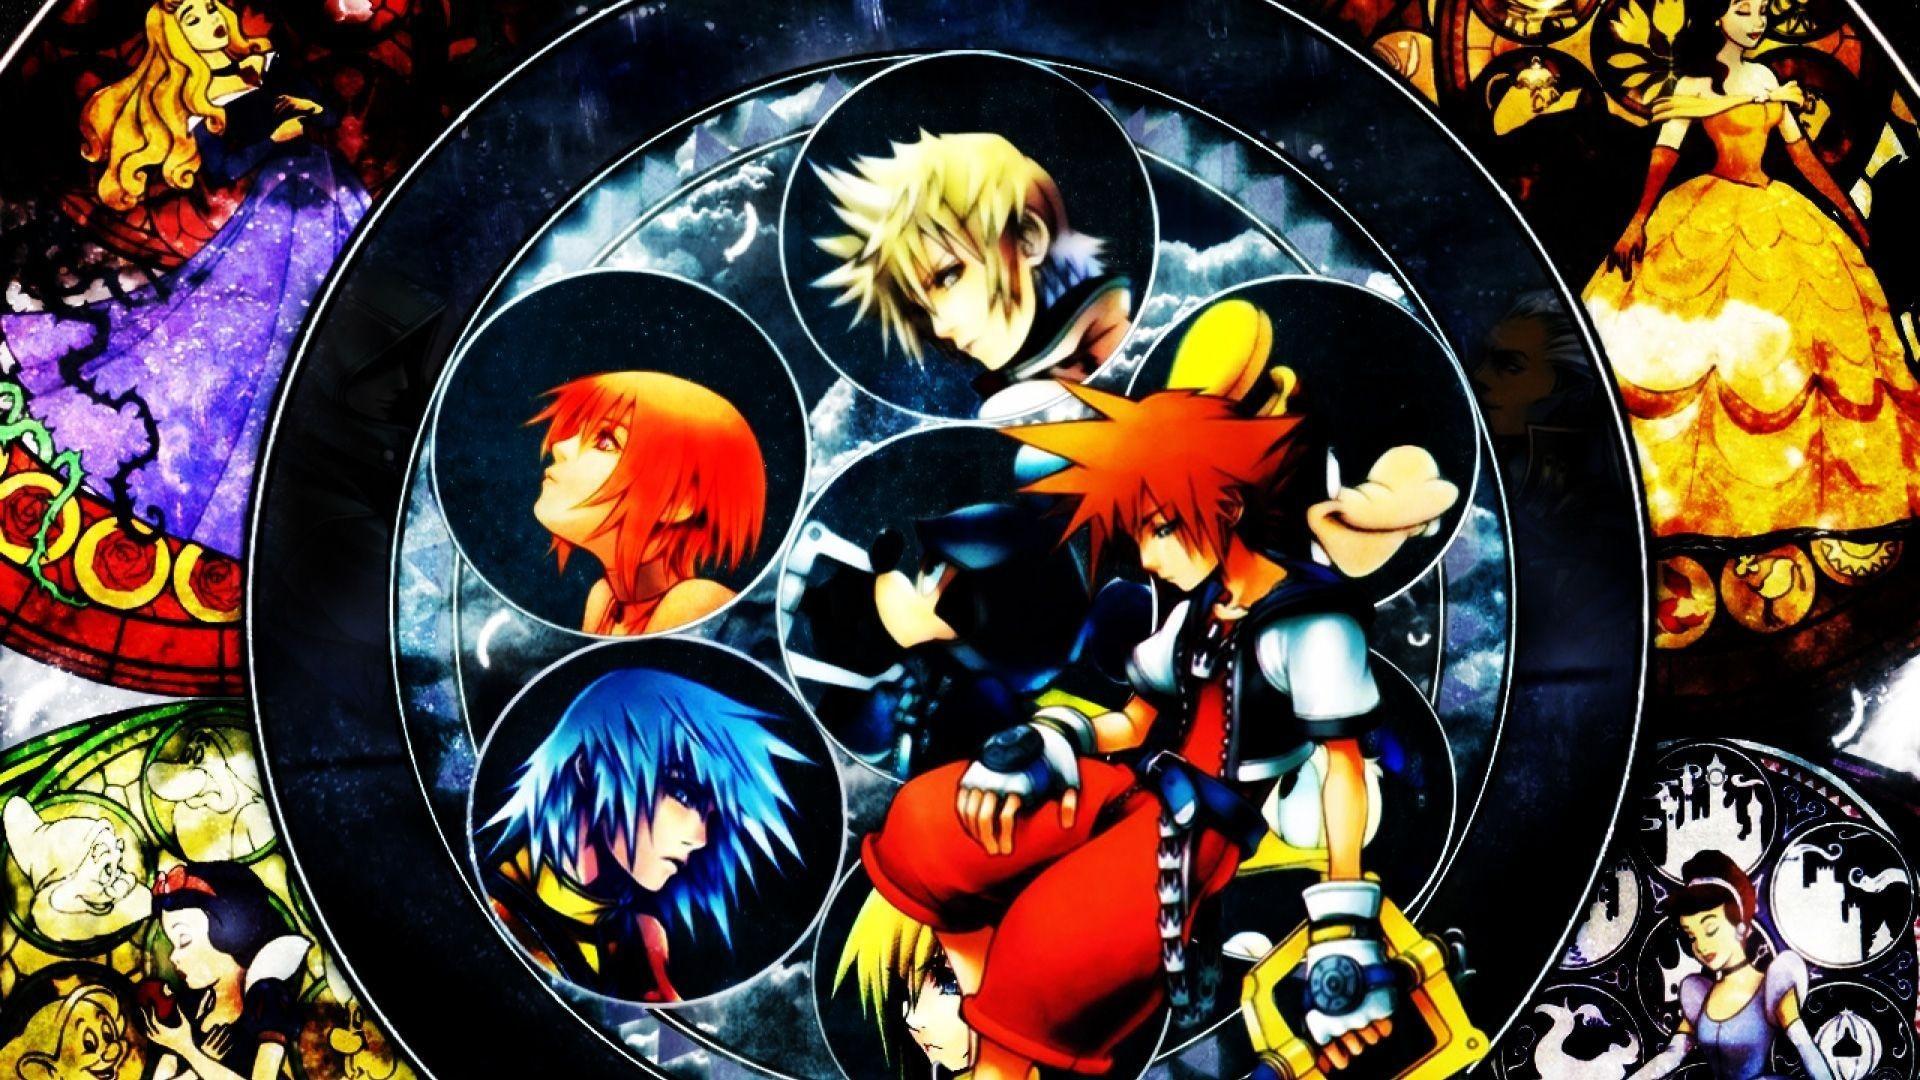 Kingdom Hearts wallpaper 1920x1080 ·① Download free ...